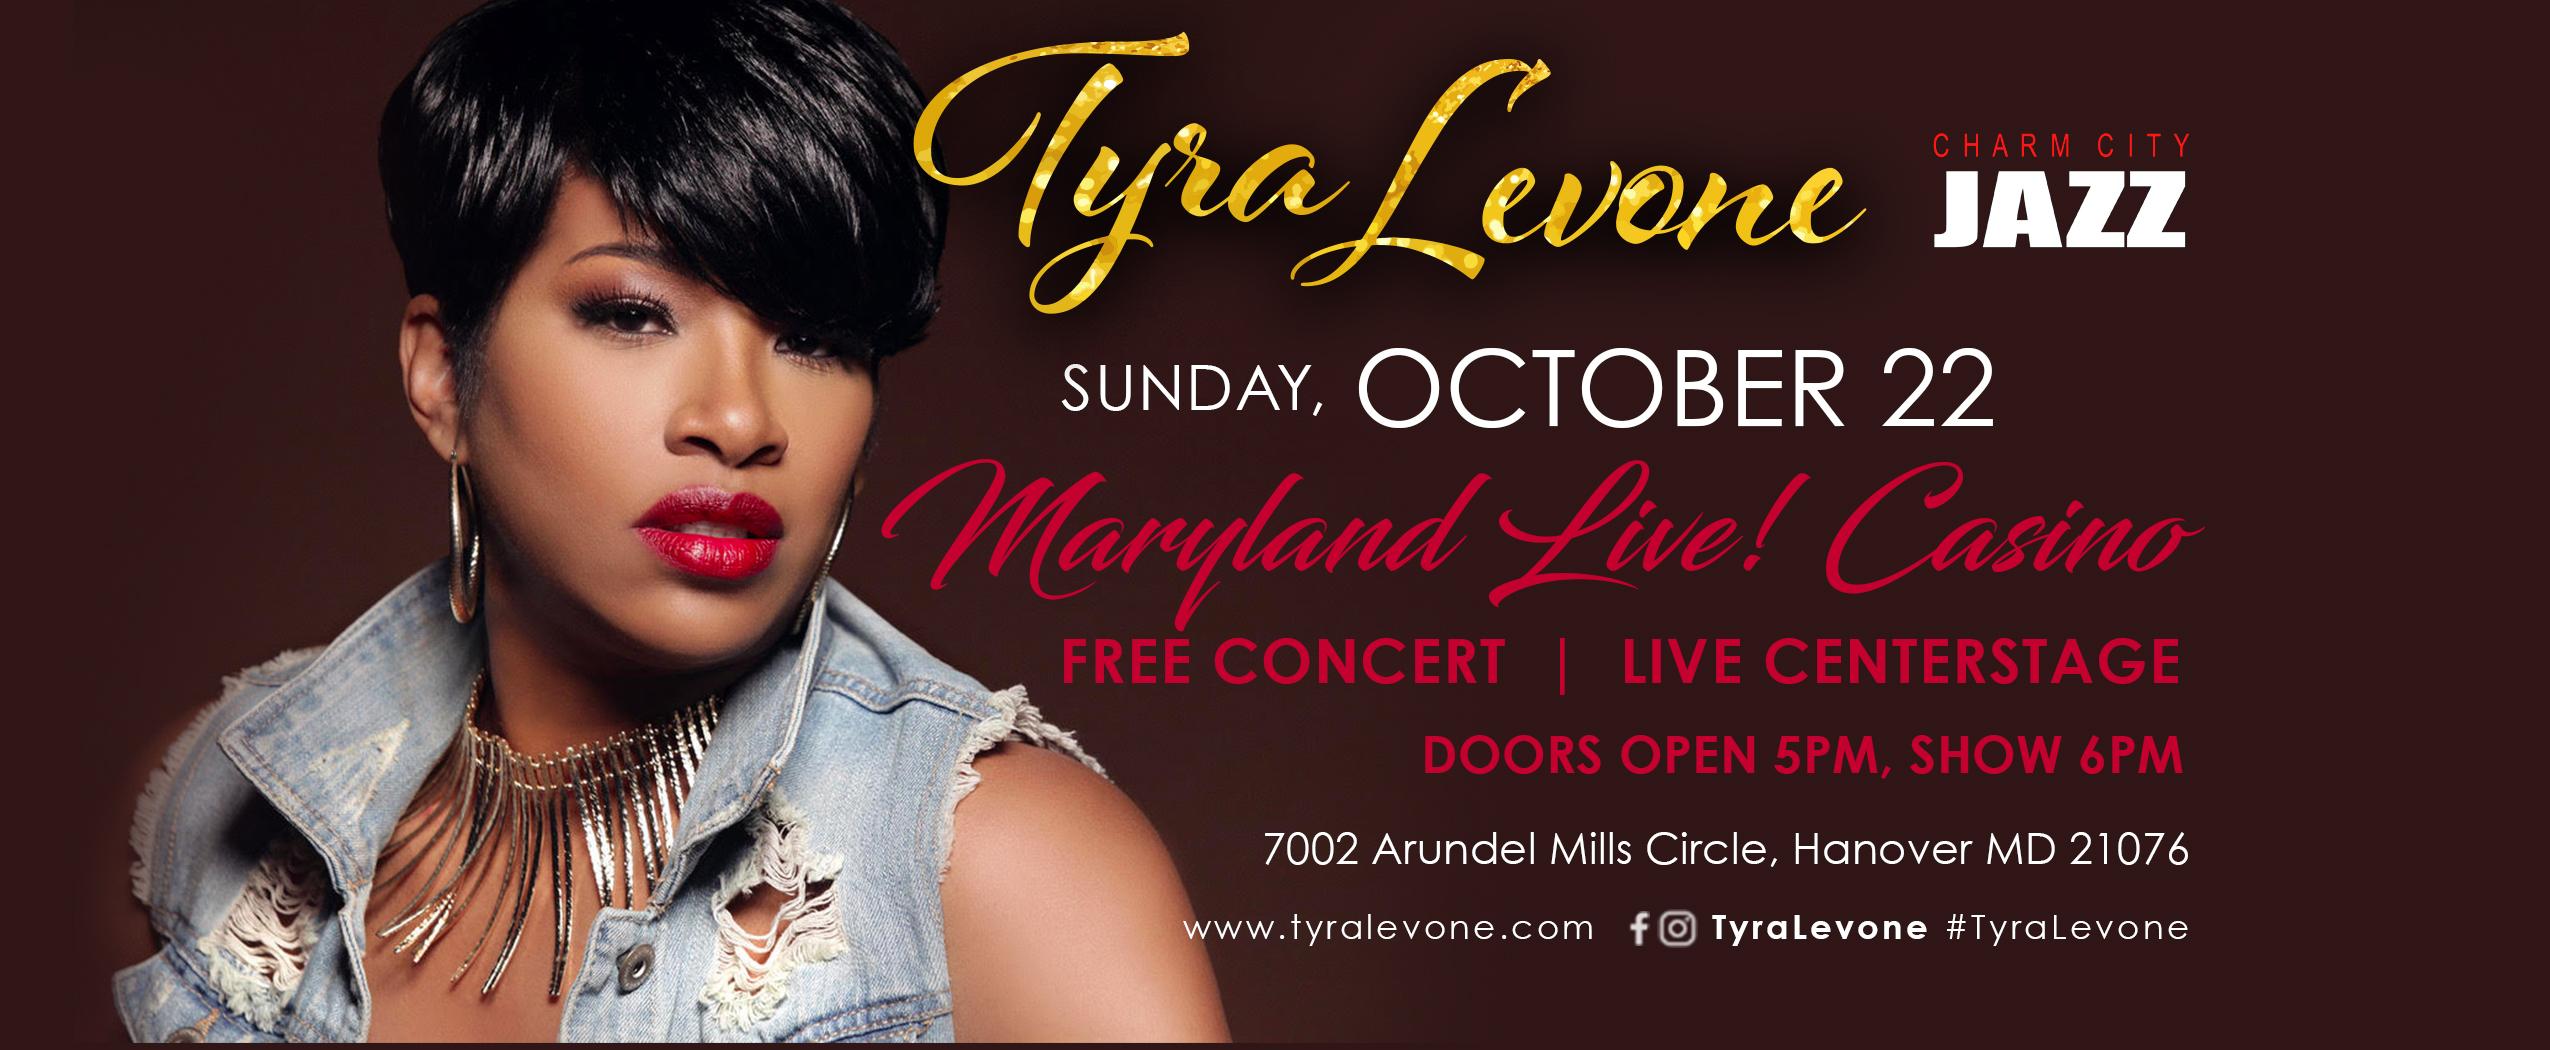 Tyra Maryland Live - horizontal